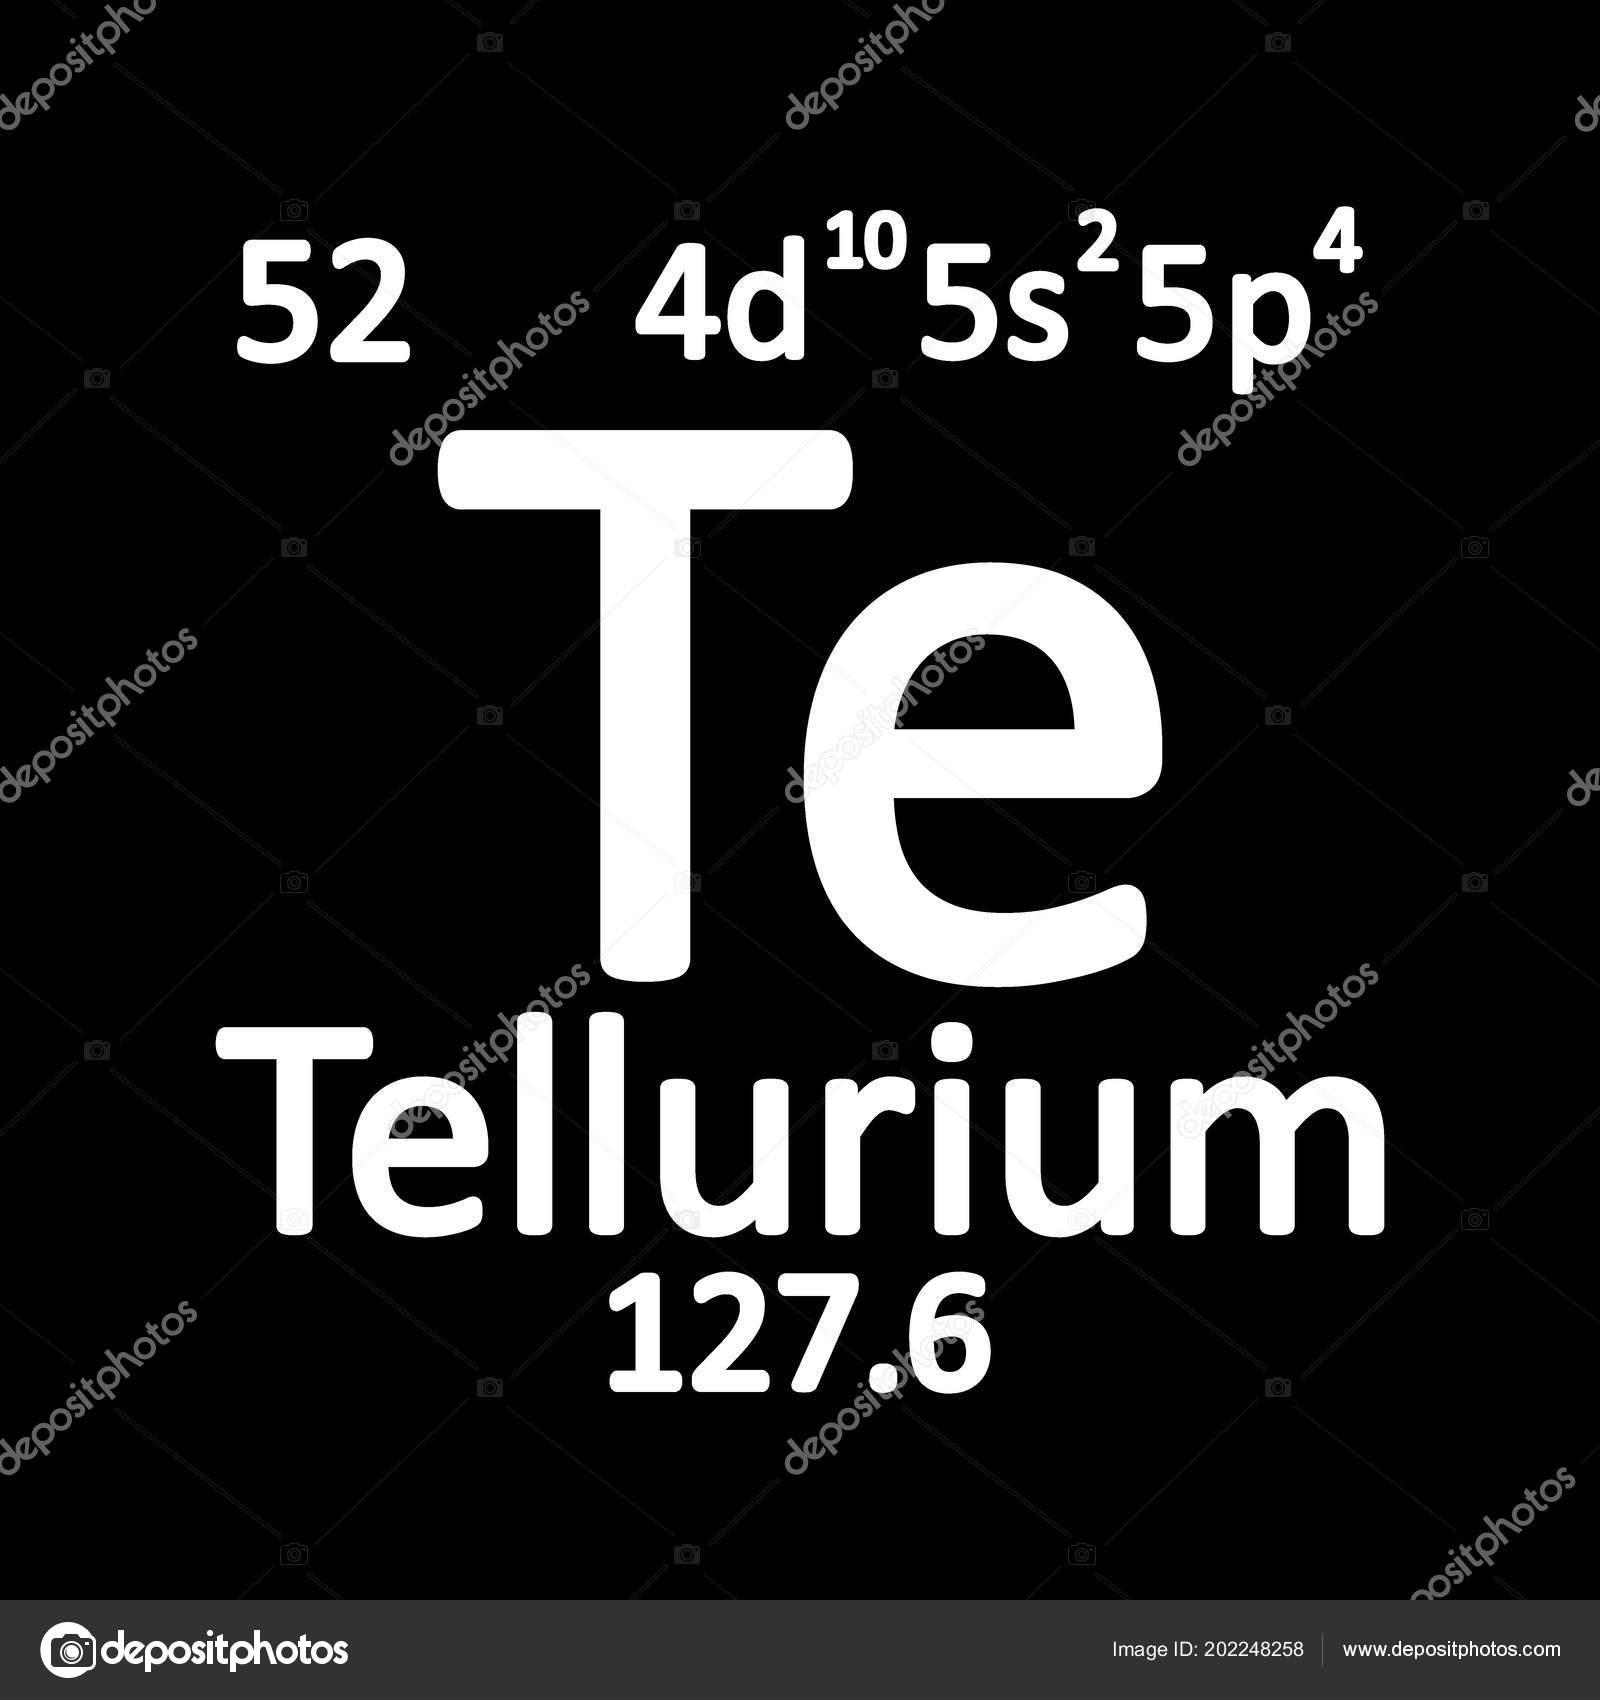 Tabla periodica elemento telurio icono sobre fondo blanco tabla periodica elemento telurio icono sobre fondo blanco ilustracin vector vector de stock urtaz Gallery